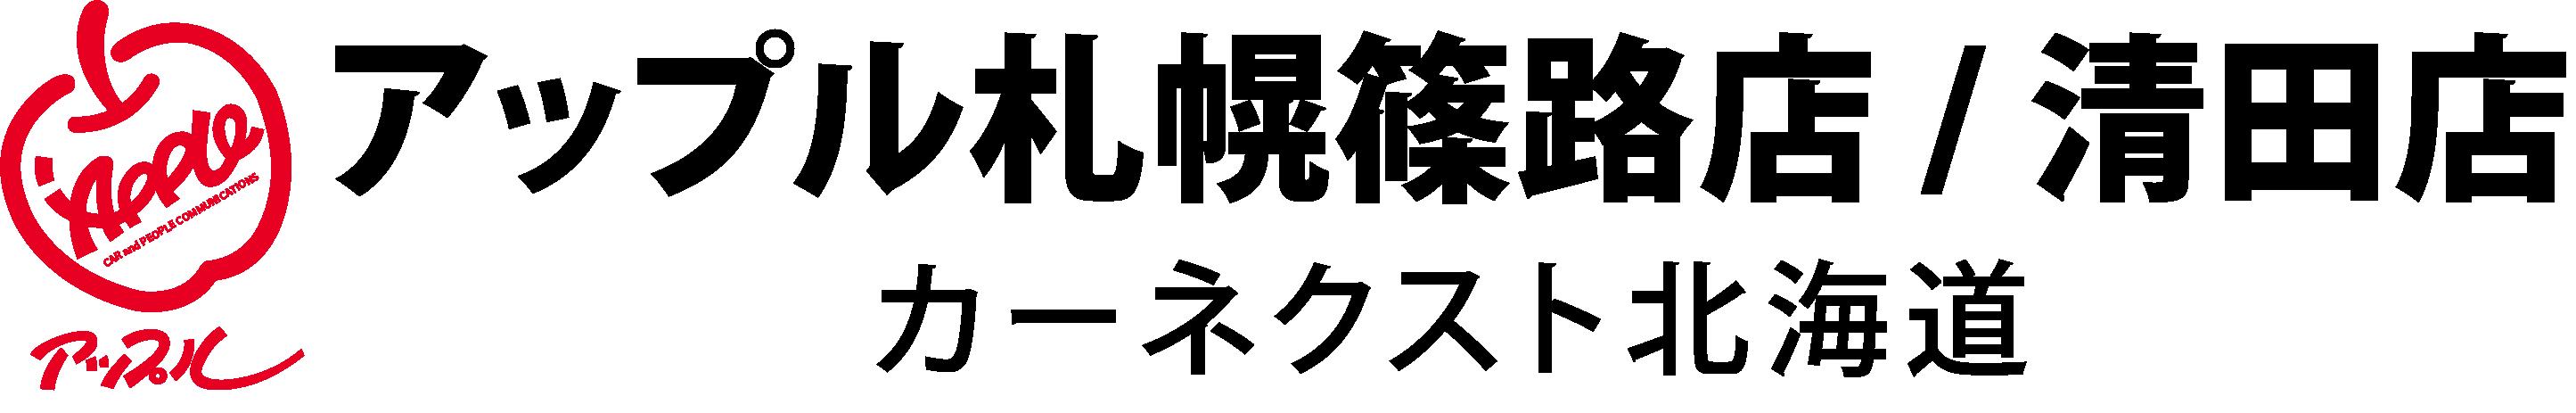 【スーパー乗るだけセットの納車】札幌市 清田区 Tさま | カーネクスト北海道